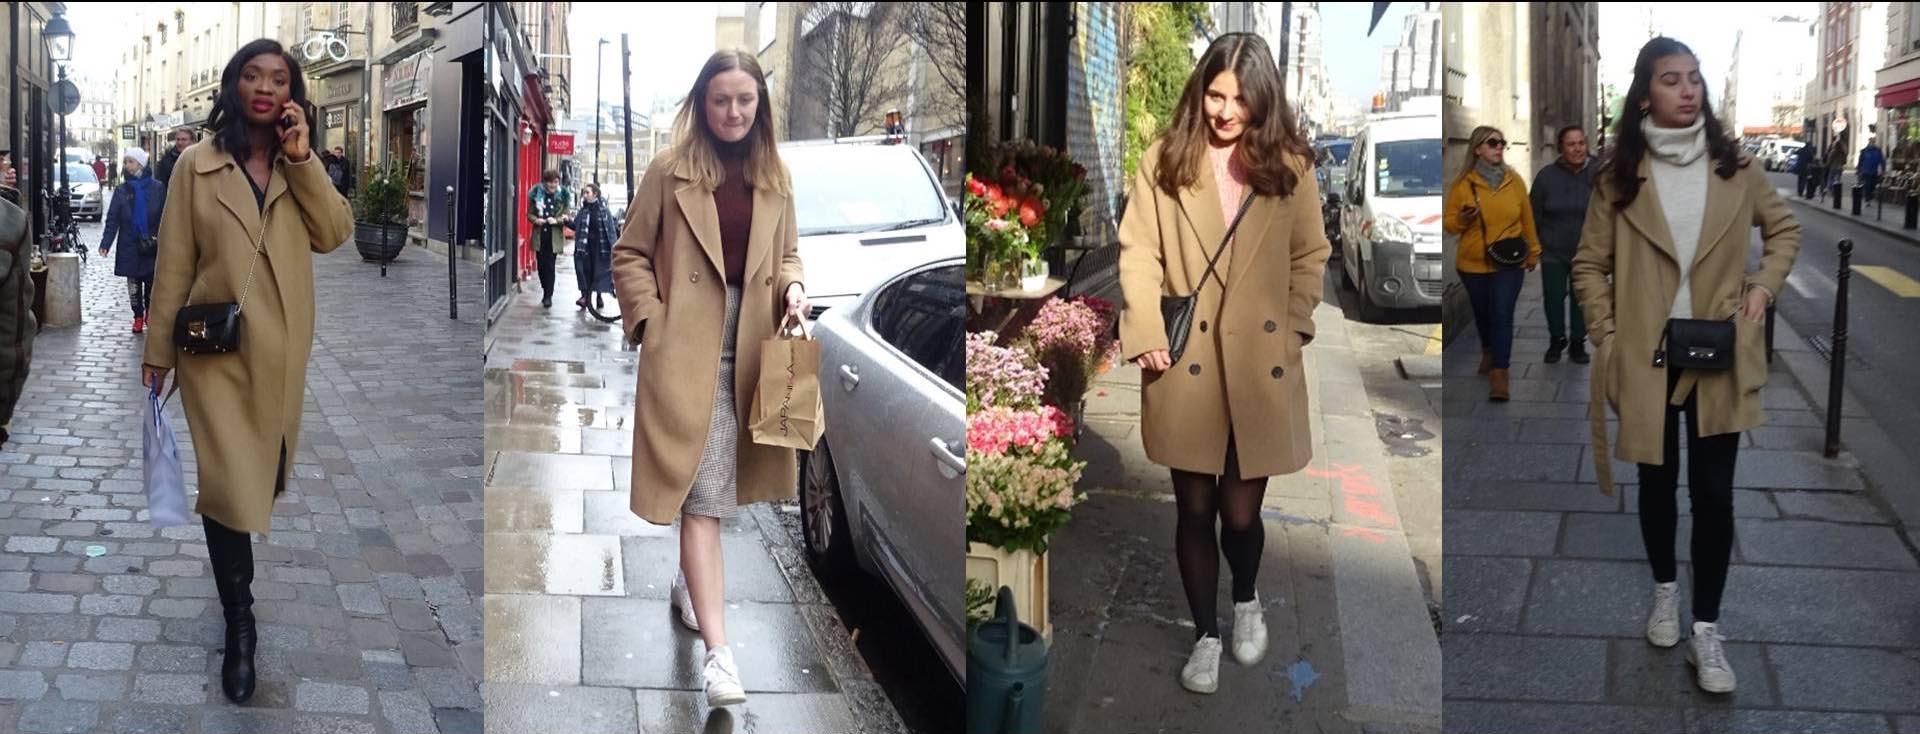 Street style a puro beige en las principales capitales de la moda.